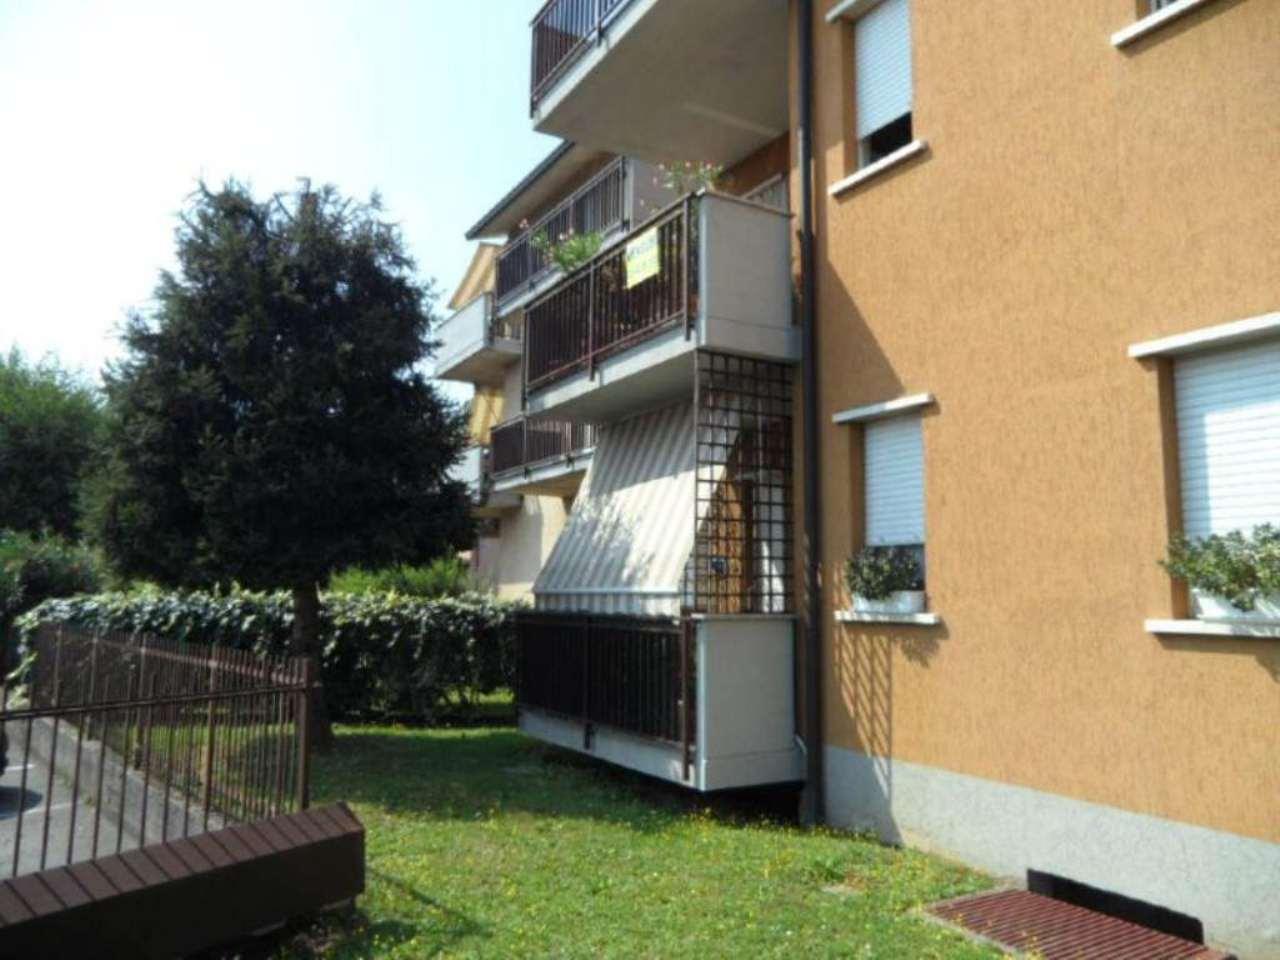 Appartamento in vendita a Grassobbio, 3 locali, prezzo € 98.000 | Cambio Casa.it